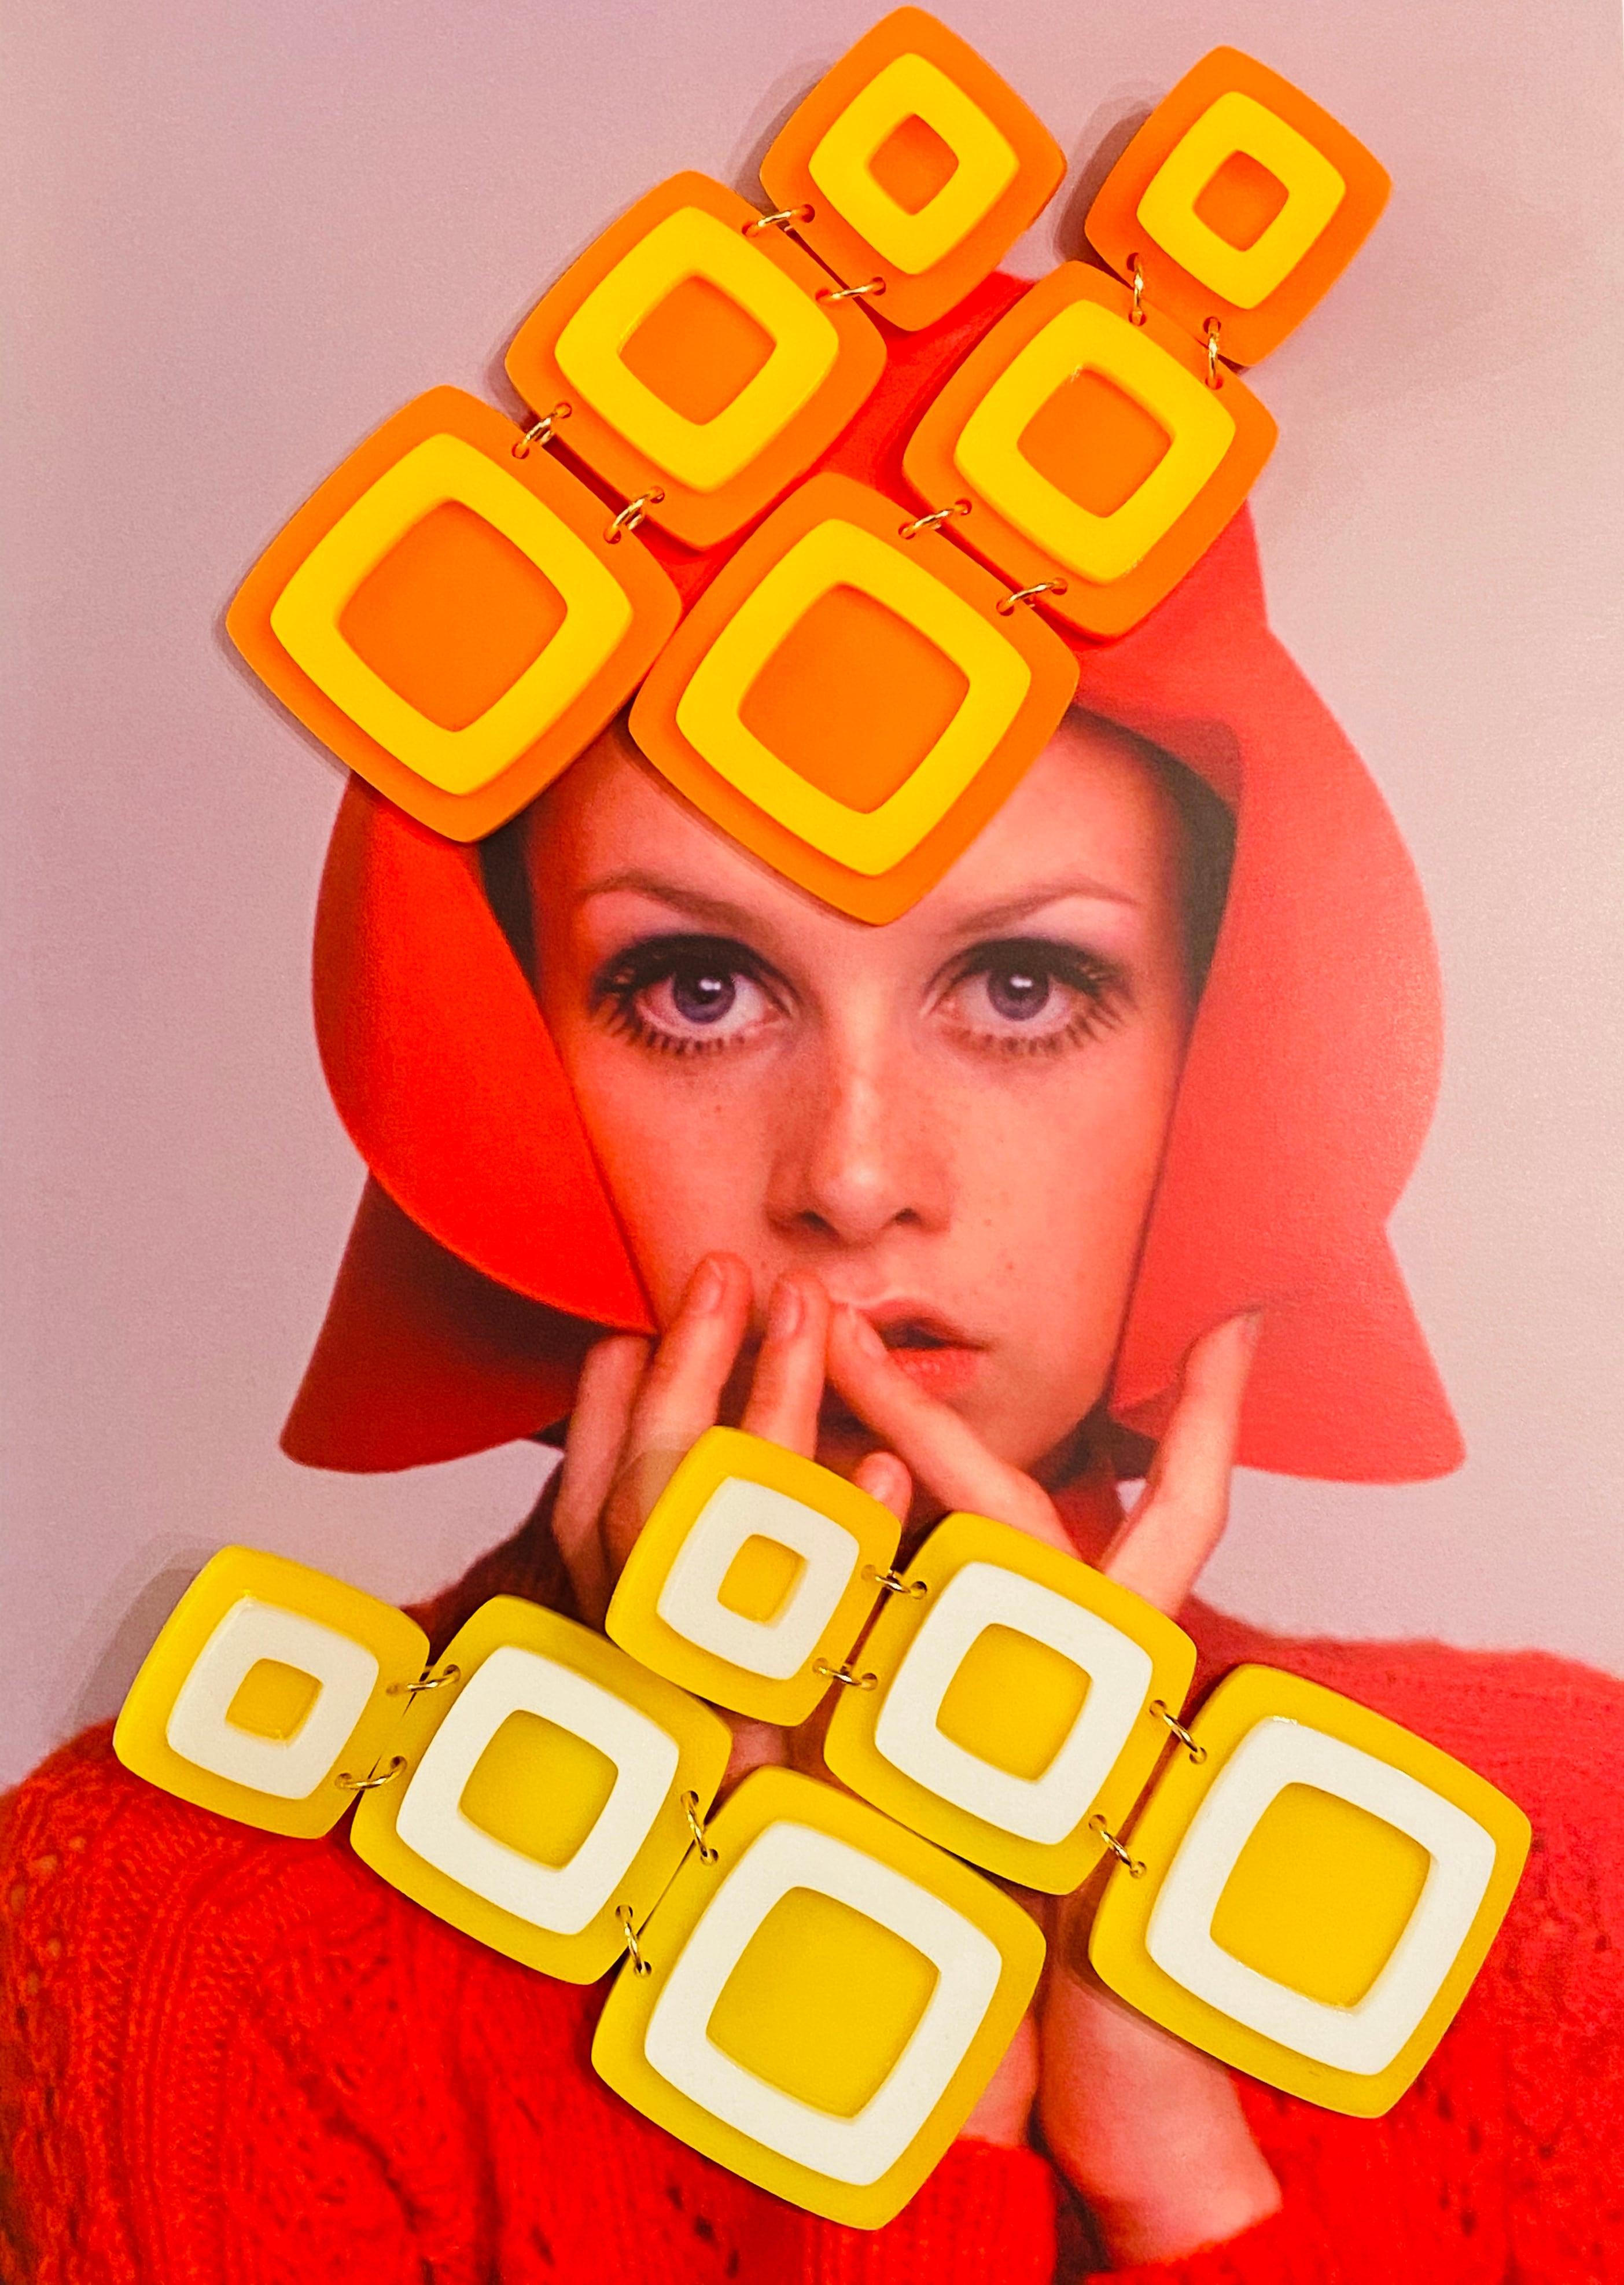 ADA BINKS 英国60's スタイル ピアス オレンジ アクセサリー